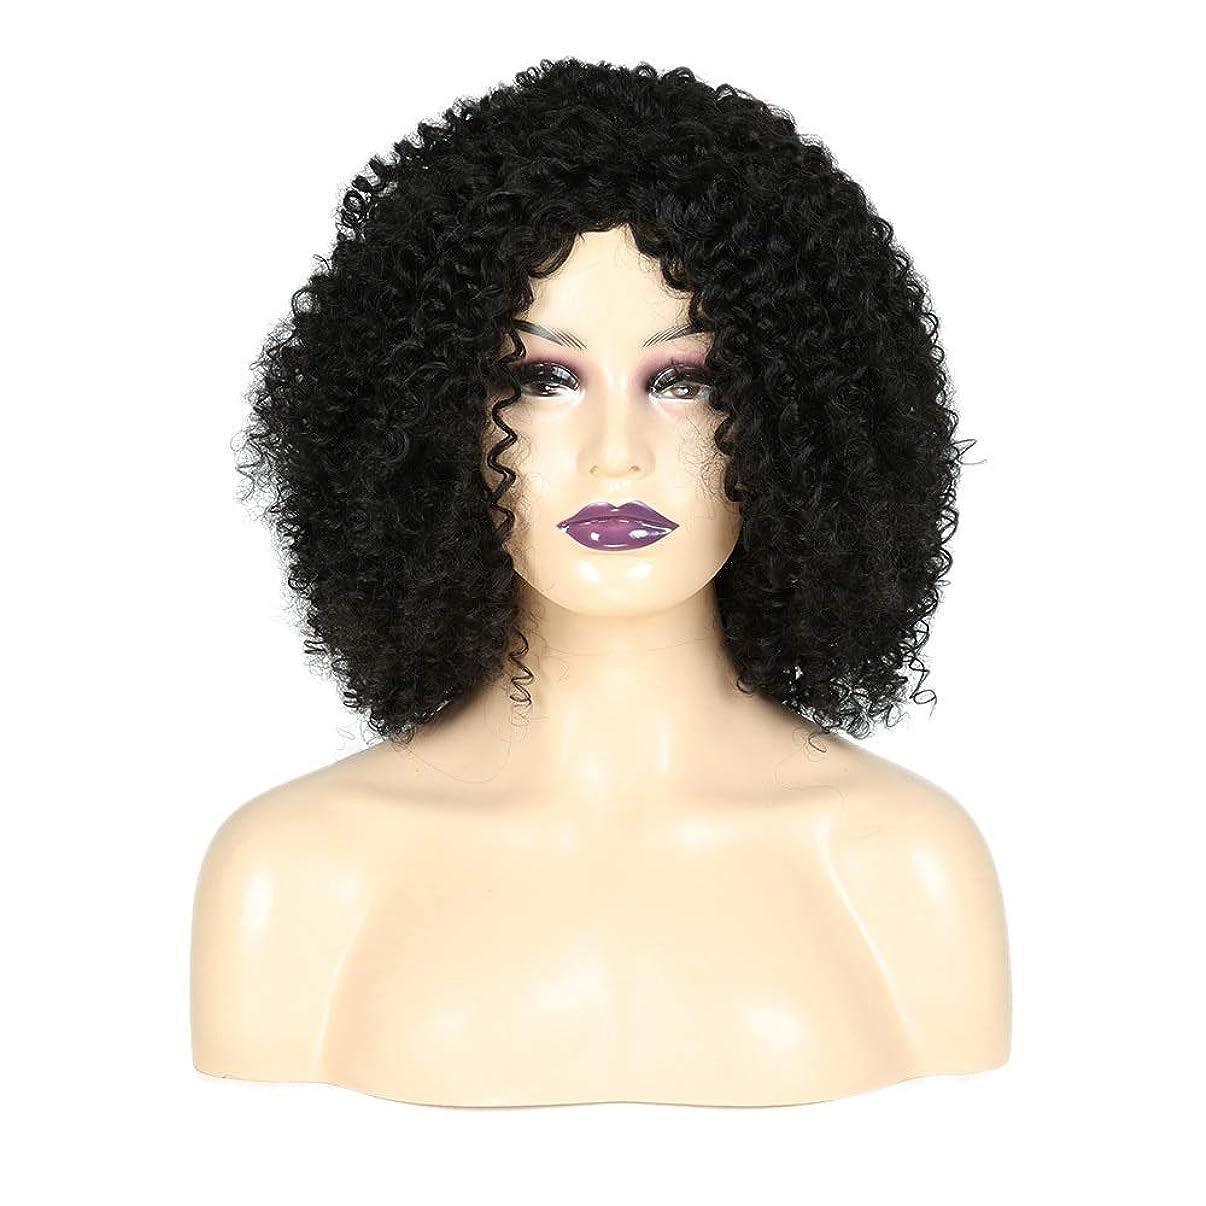 尊厳乳豚BOBIDYEE 人工毛水の波短いカーリーブラックアフリカ女性の爆発ヘッドフルヘッド毎日コスプレドレス小さな巻き毛のかつら (色 : 黒)